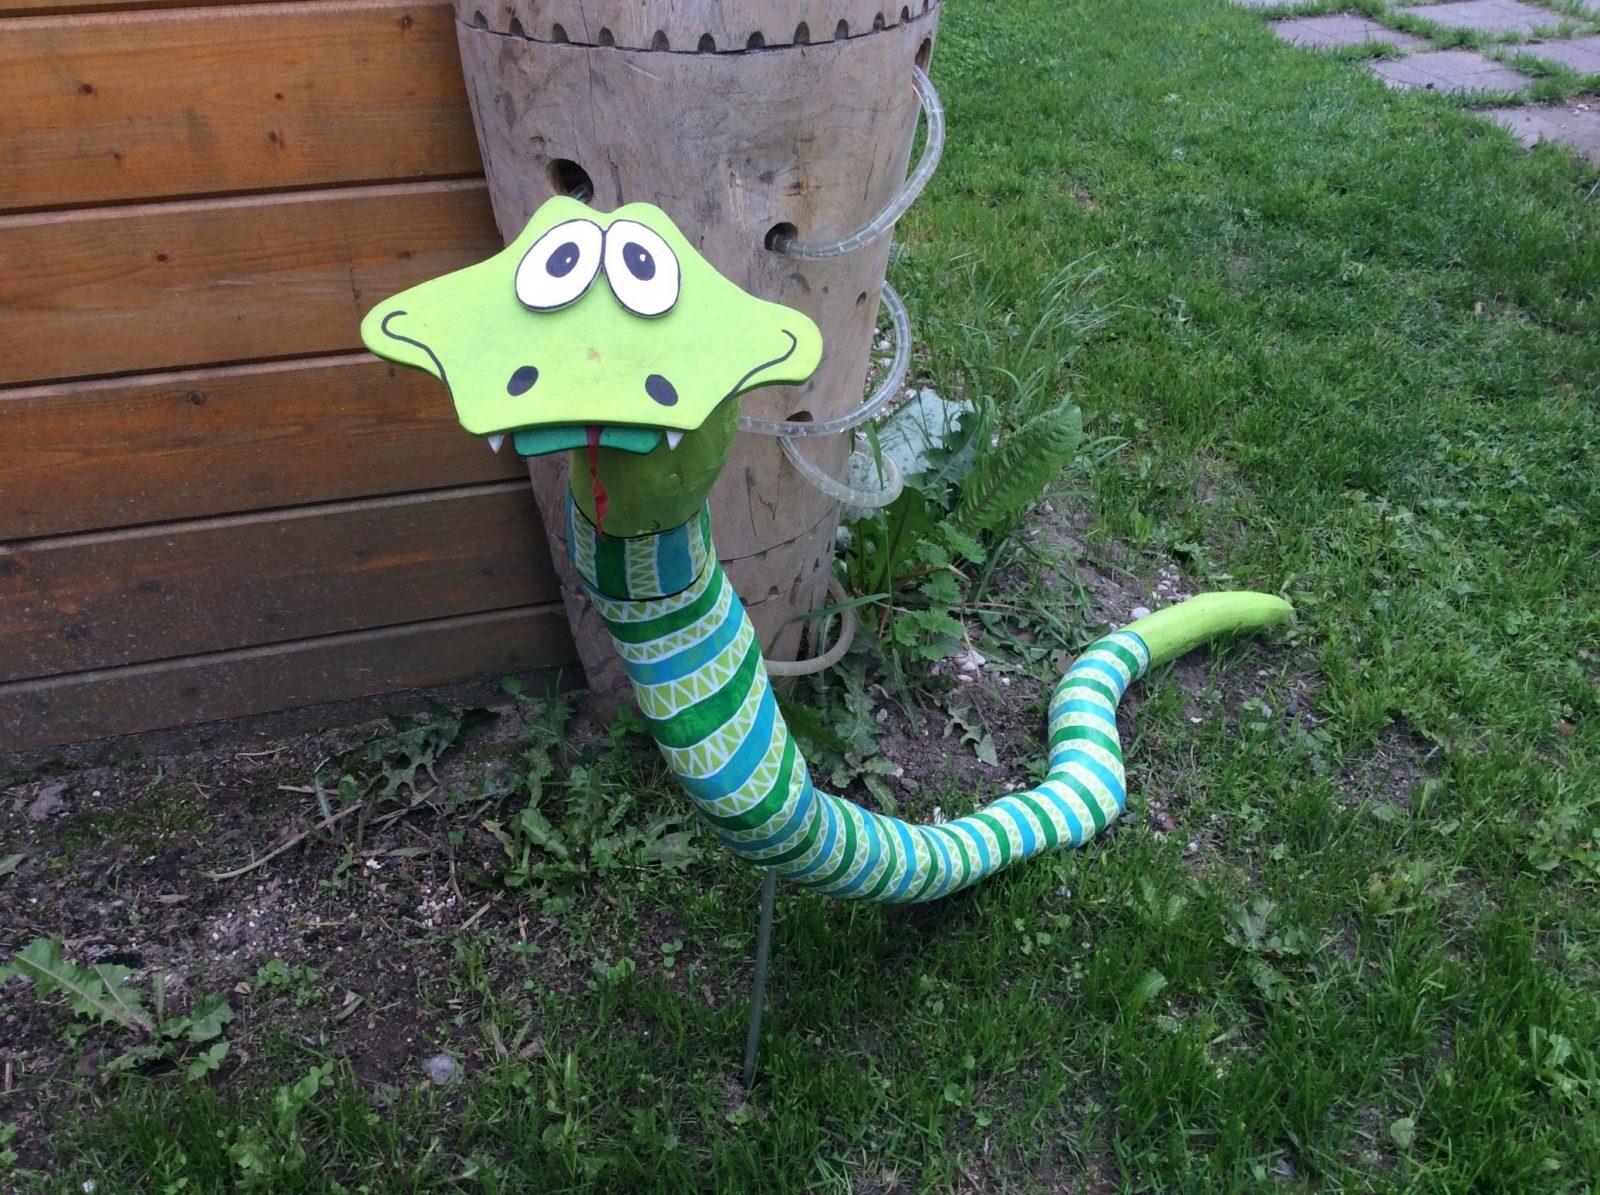 Schlange Aus Dickem Ast Lustige Holzfigur Gartenfiguren von Holzfiguren Garten Selber Machen Bild